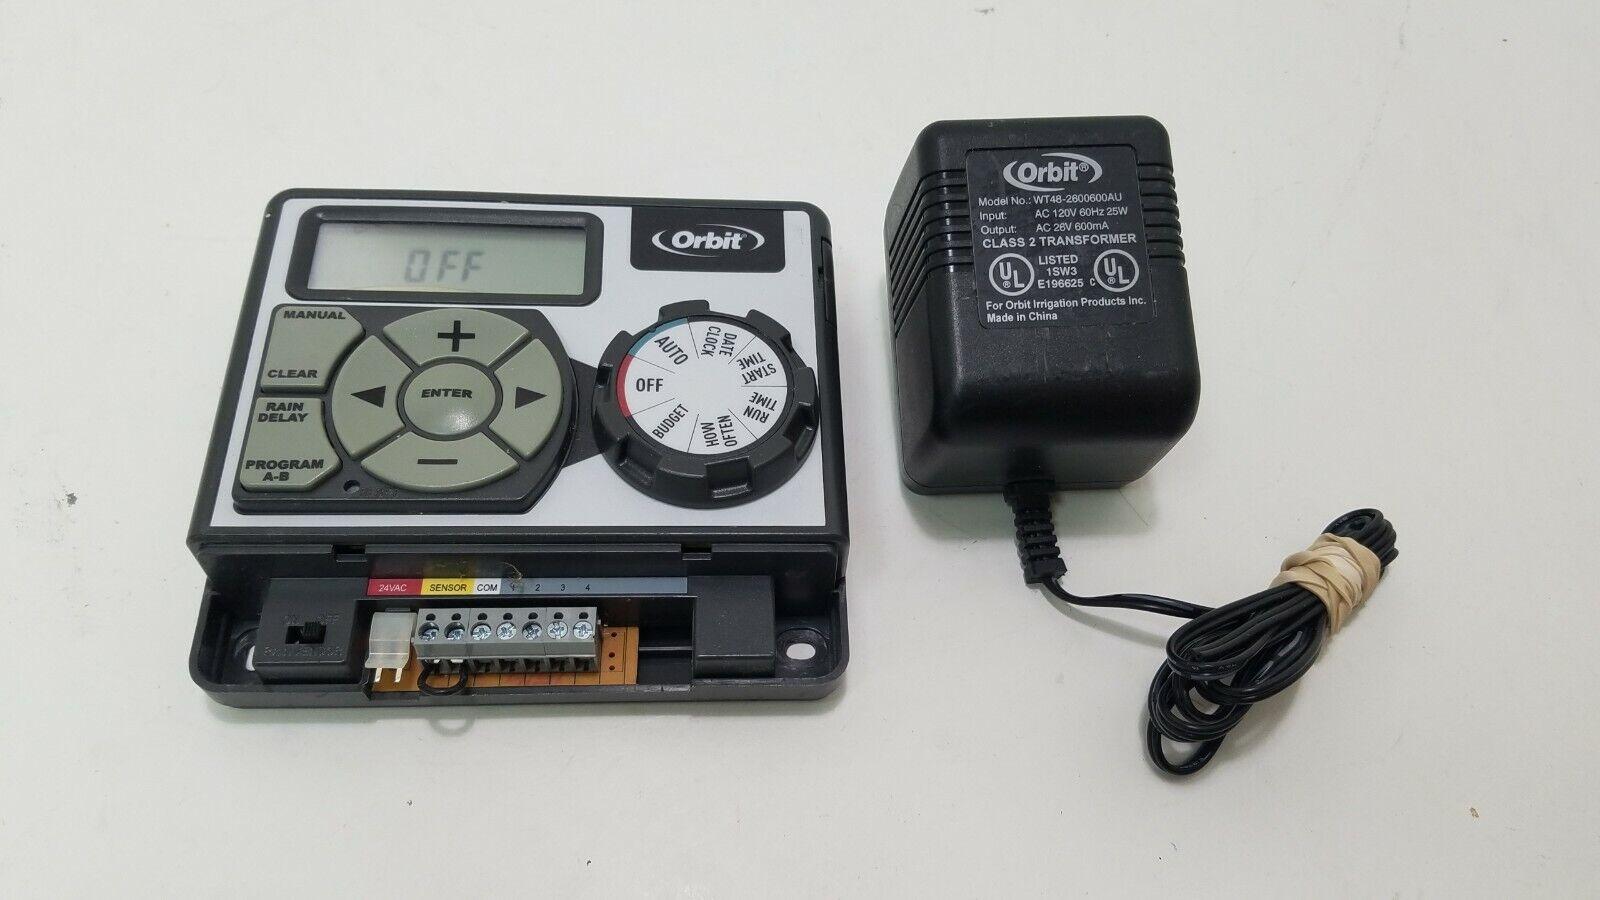 Orbit 28964 4 Station Easy Dial Sprinkler Timer Indoor Mount P2155